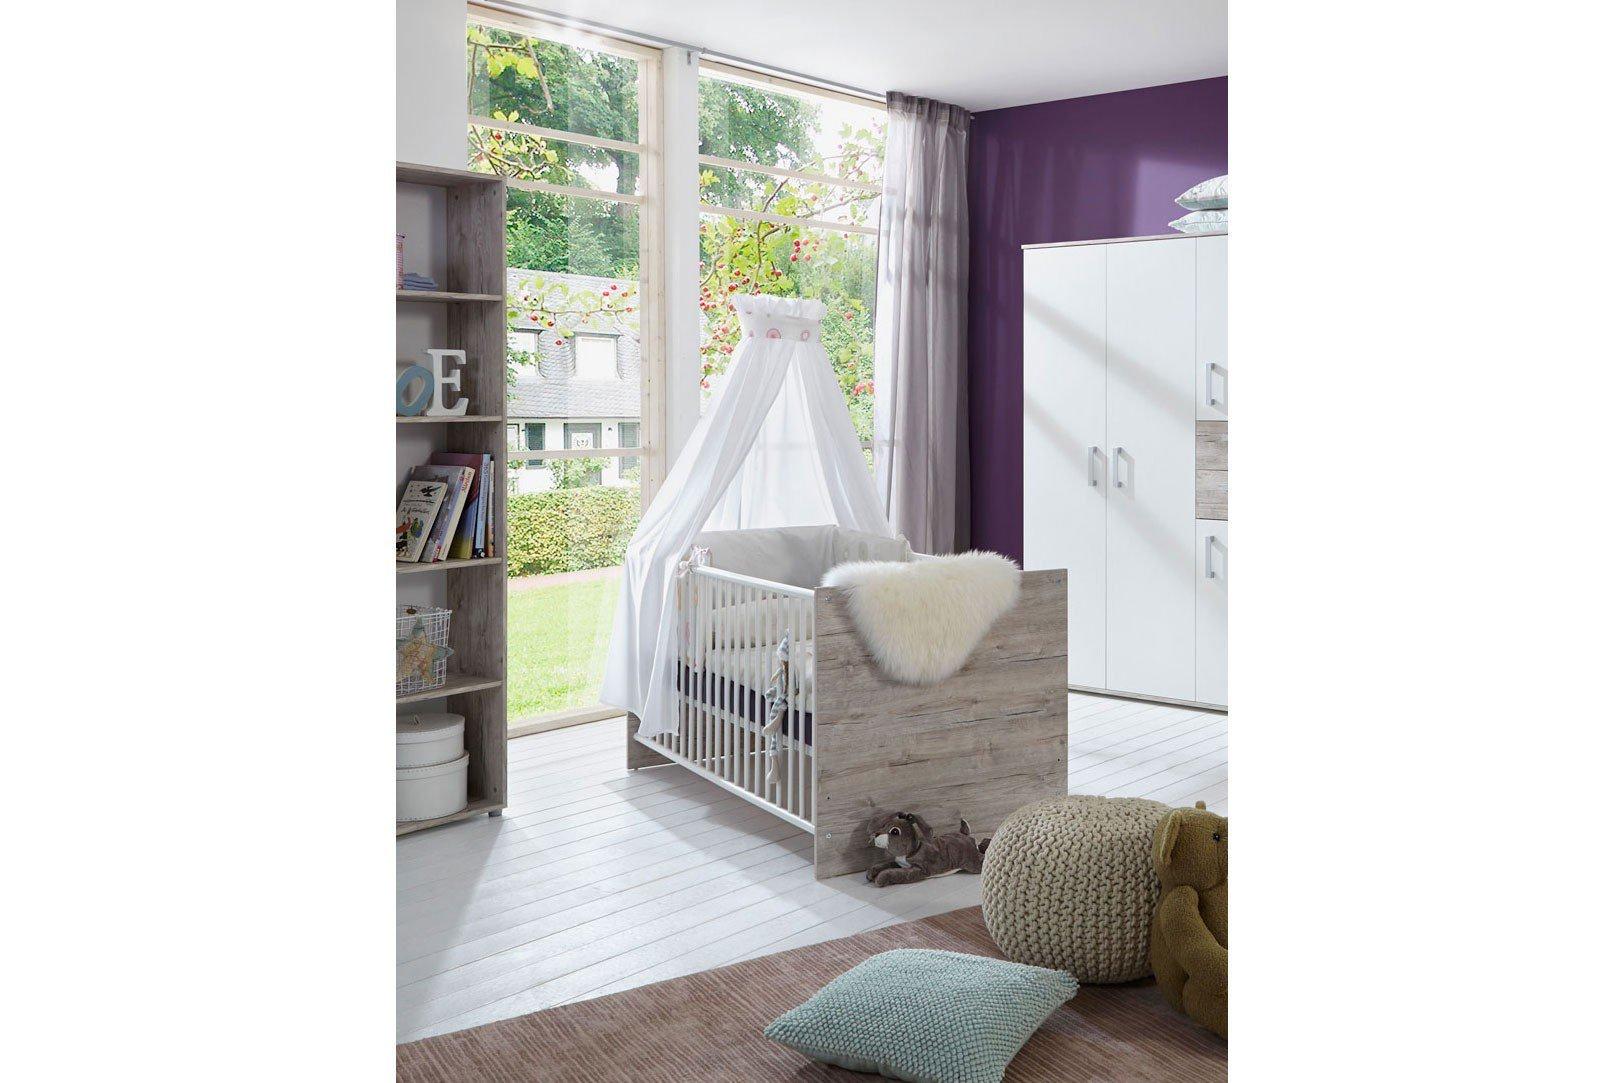 bente von arthur berndt kinderbett gitter mit rundst ben m bel letz ihr online shop. Black Bedroom Furniture Sets. Home Design Ideas